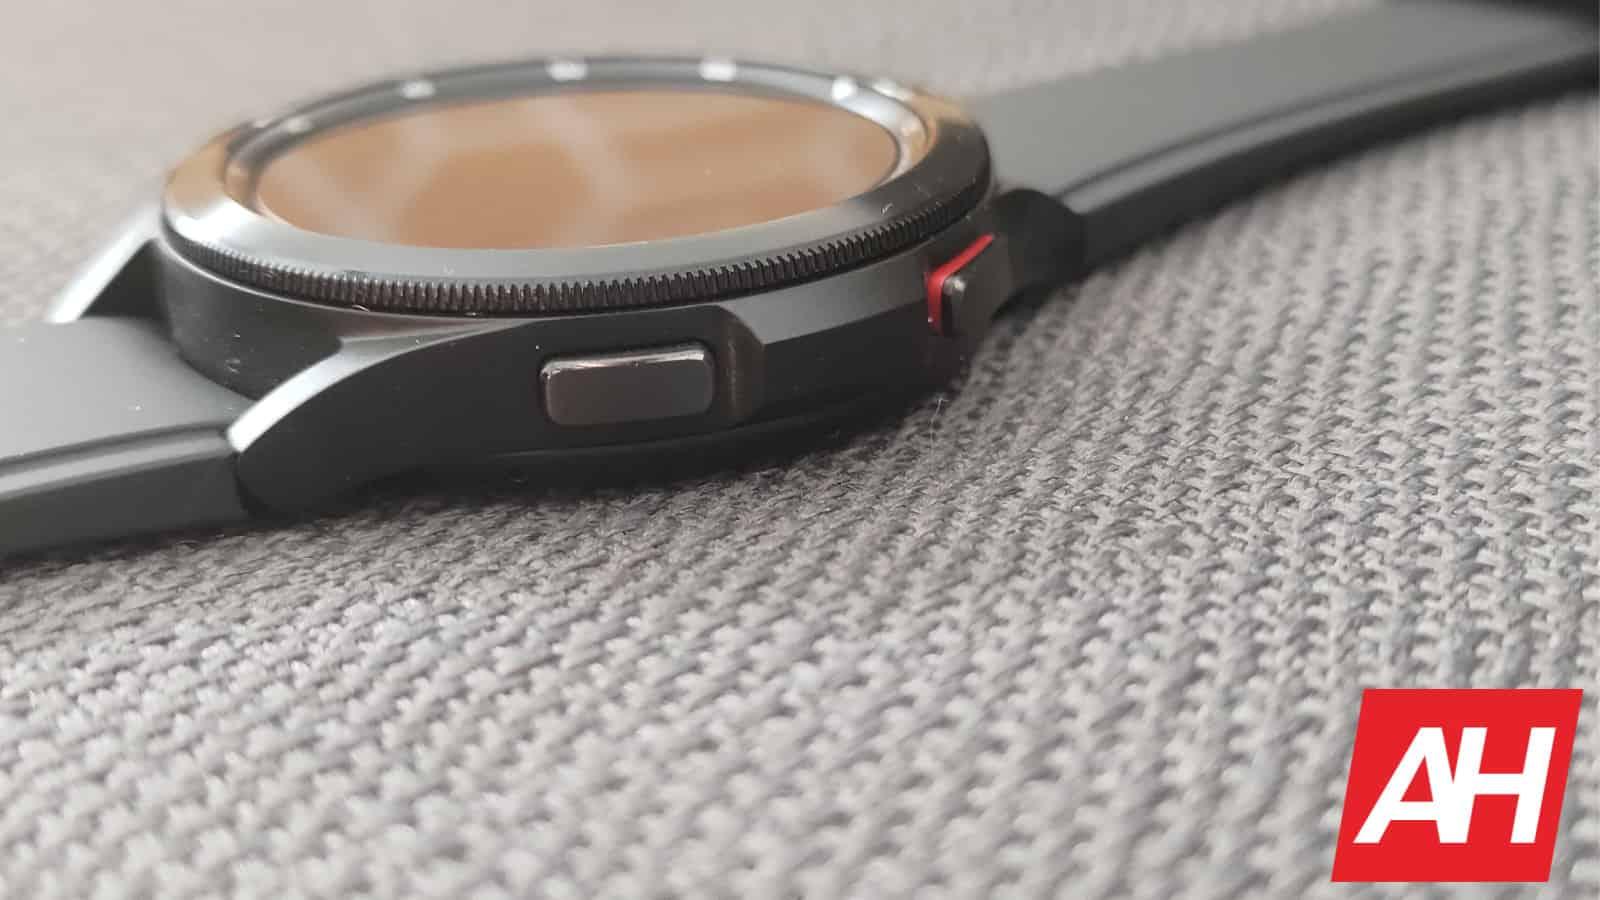 AH Samsung Galaxy Watch 4 Classic 1 1